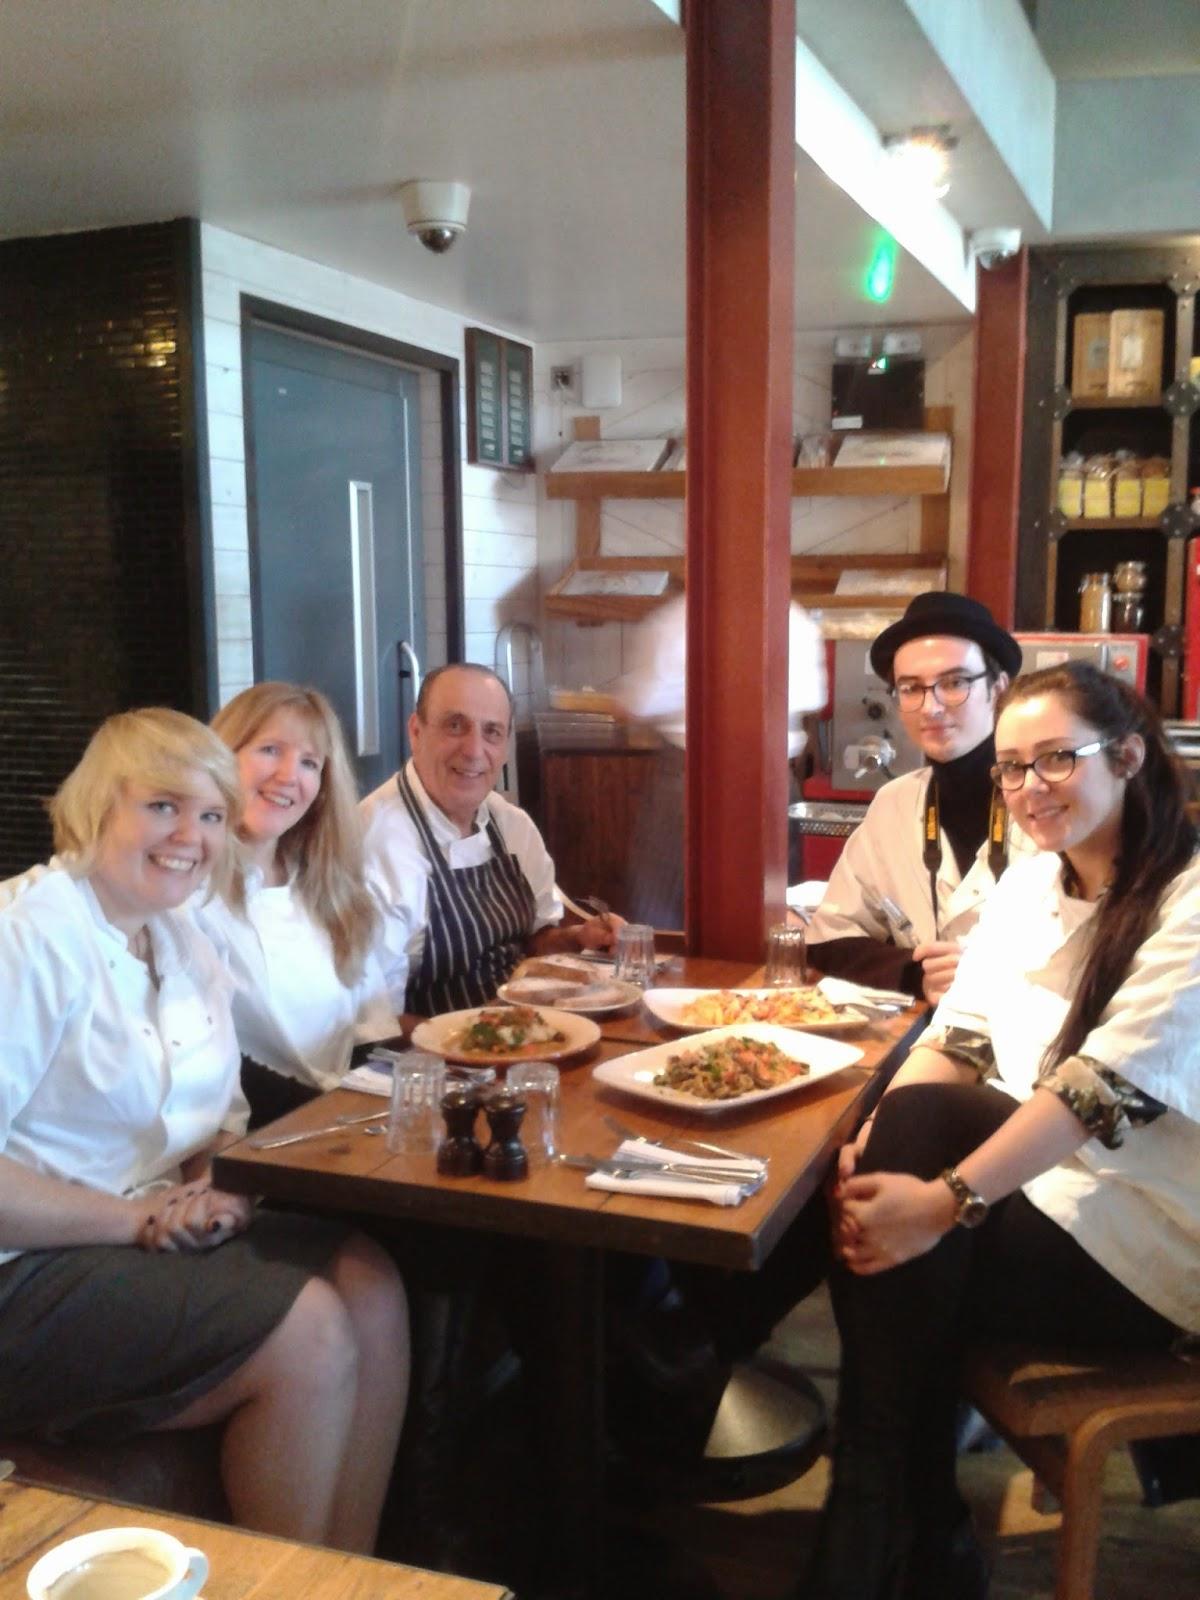 Gennaro Contaldo with his blogger students